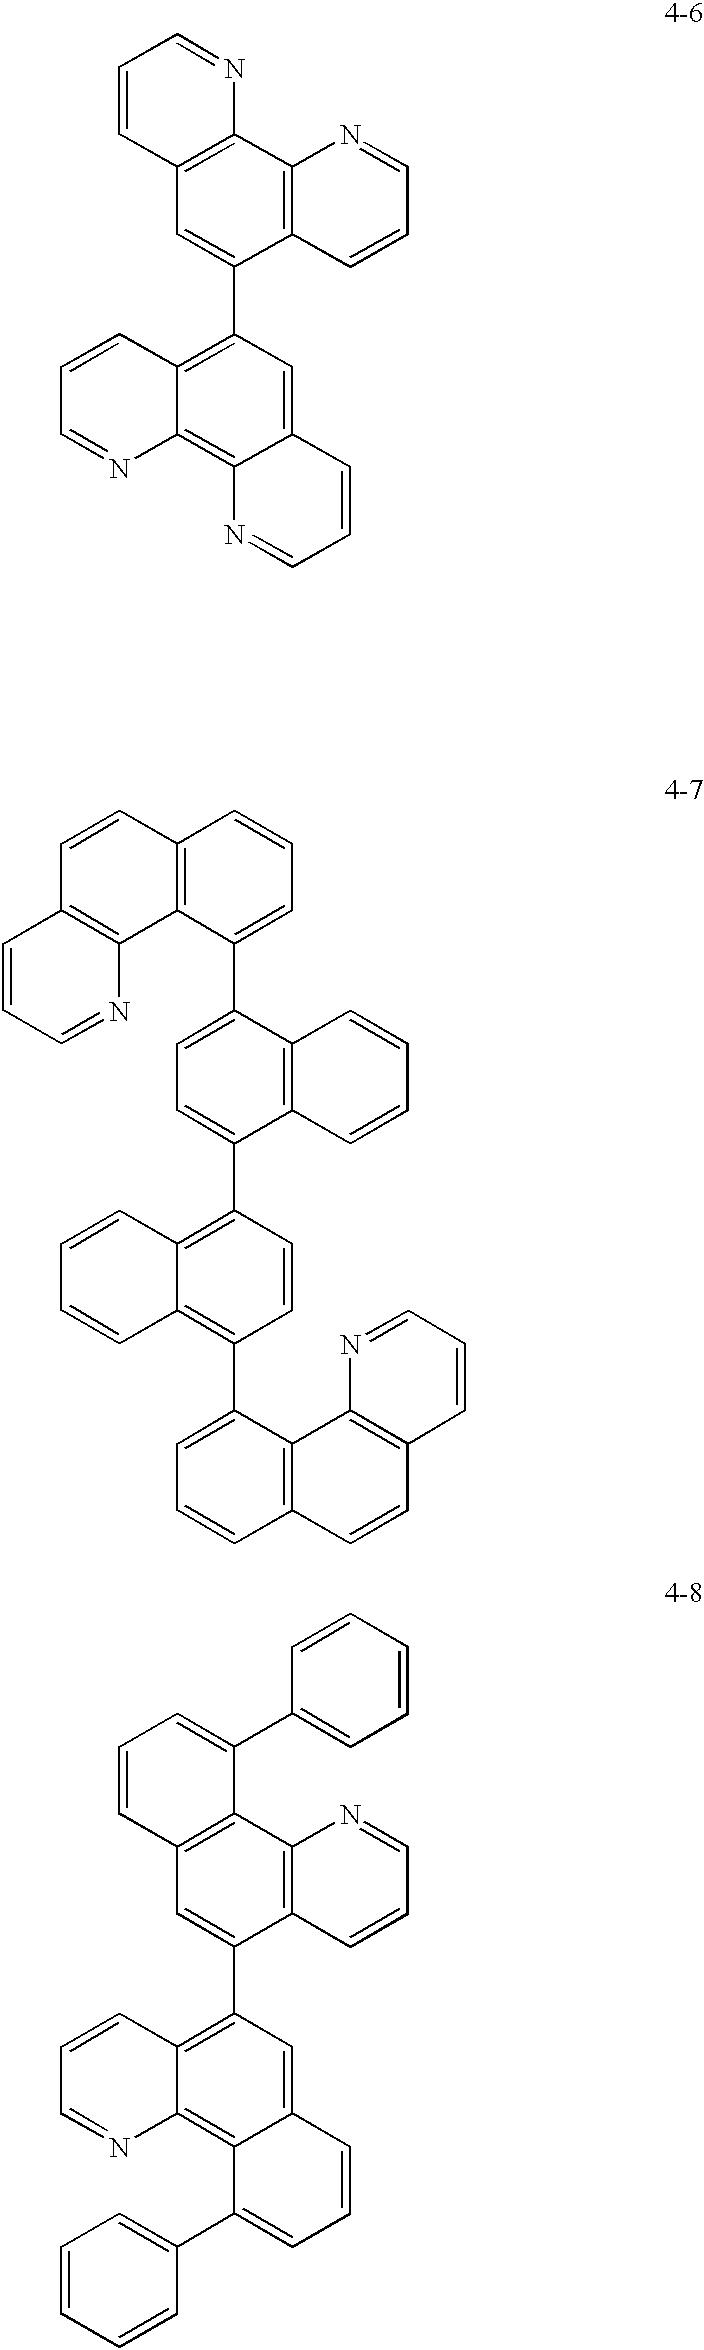 Figure US20030076032A1-20030424-C00004